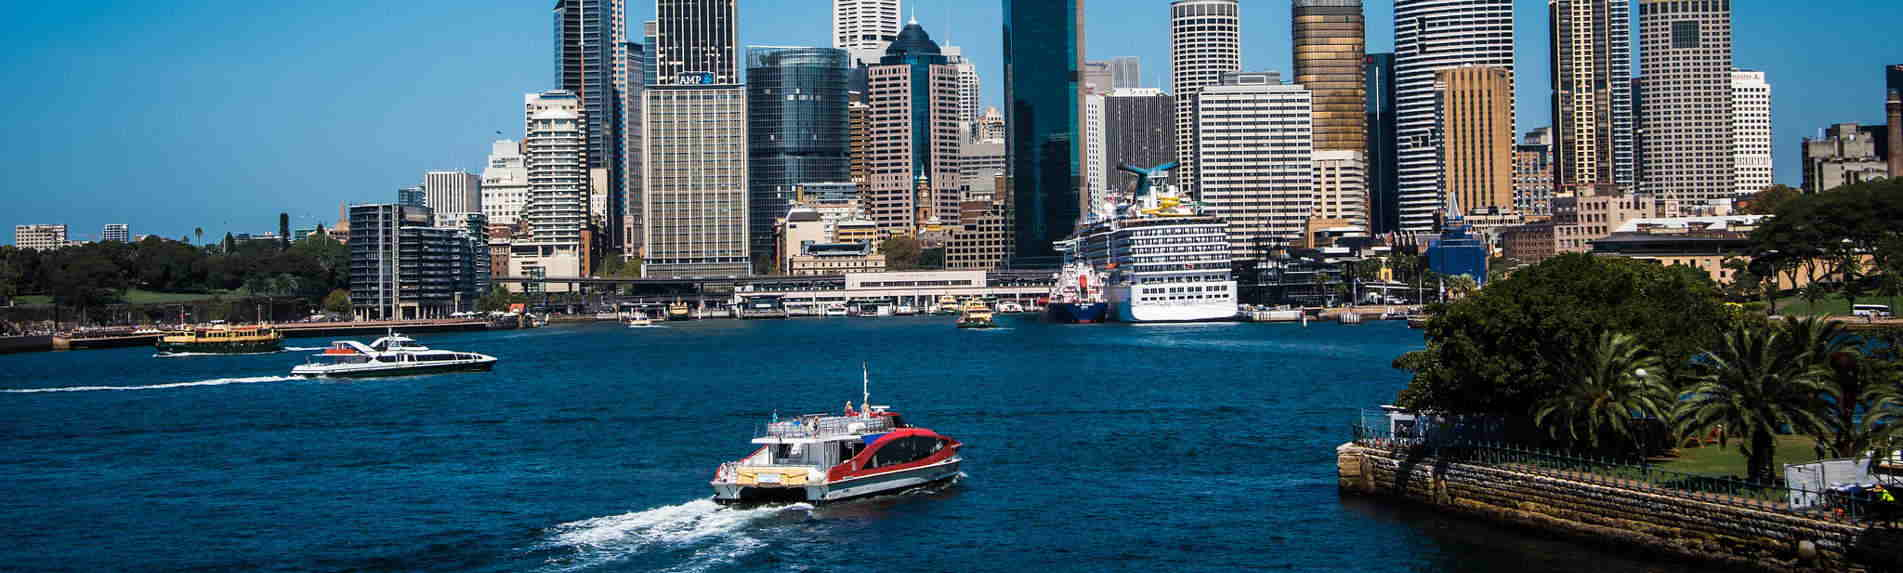 The Best Alternative Activities in Sydney